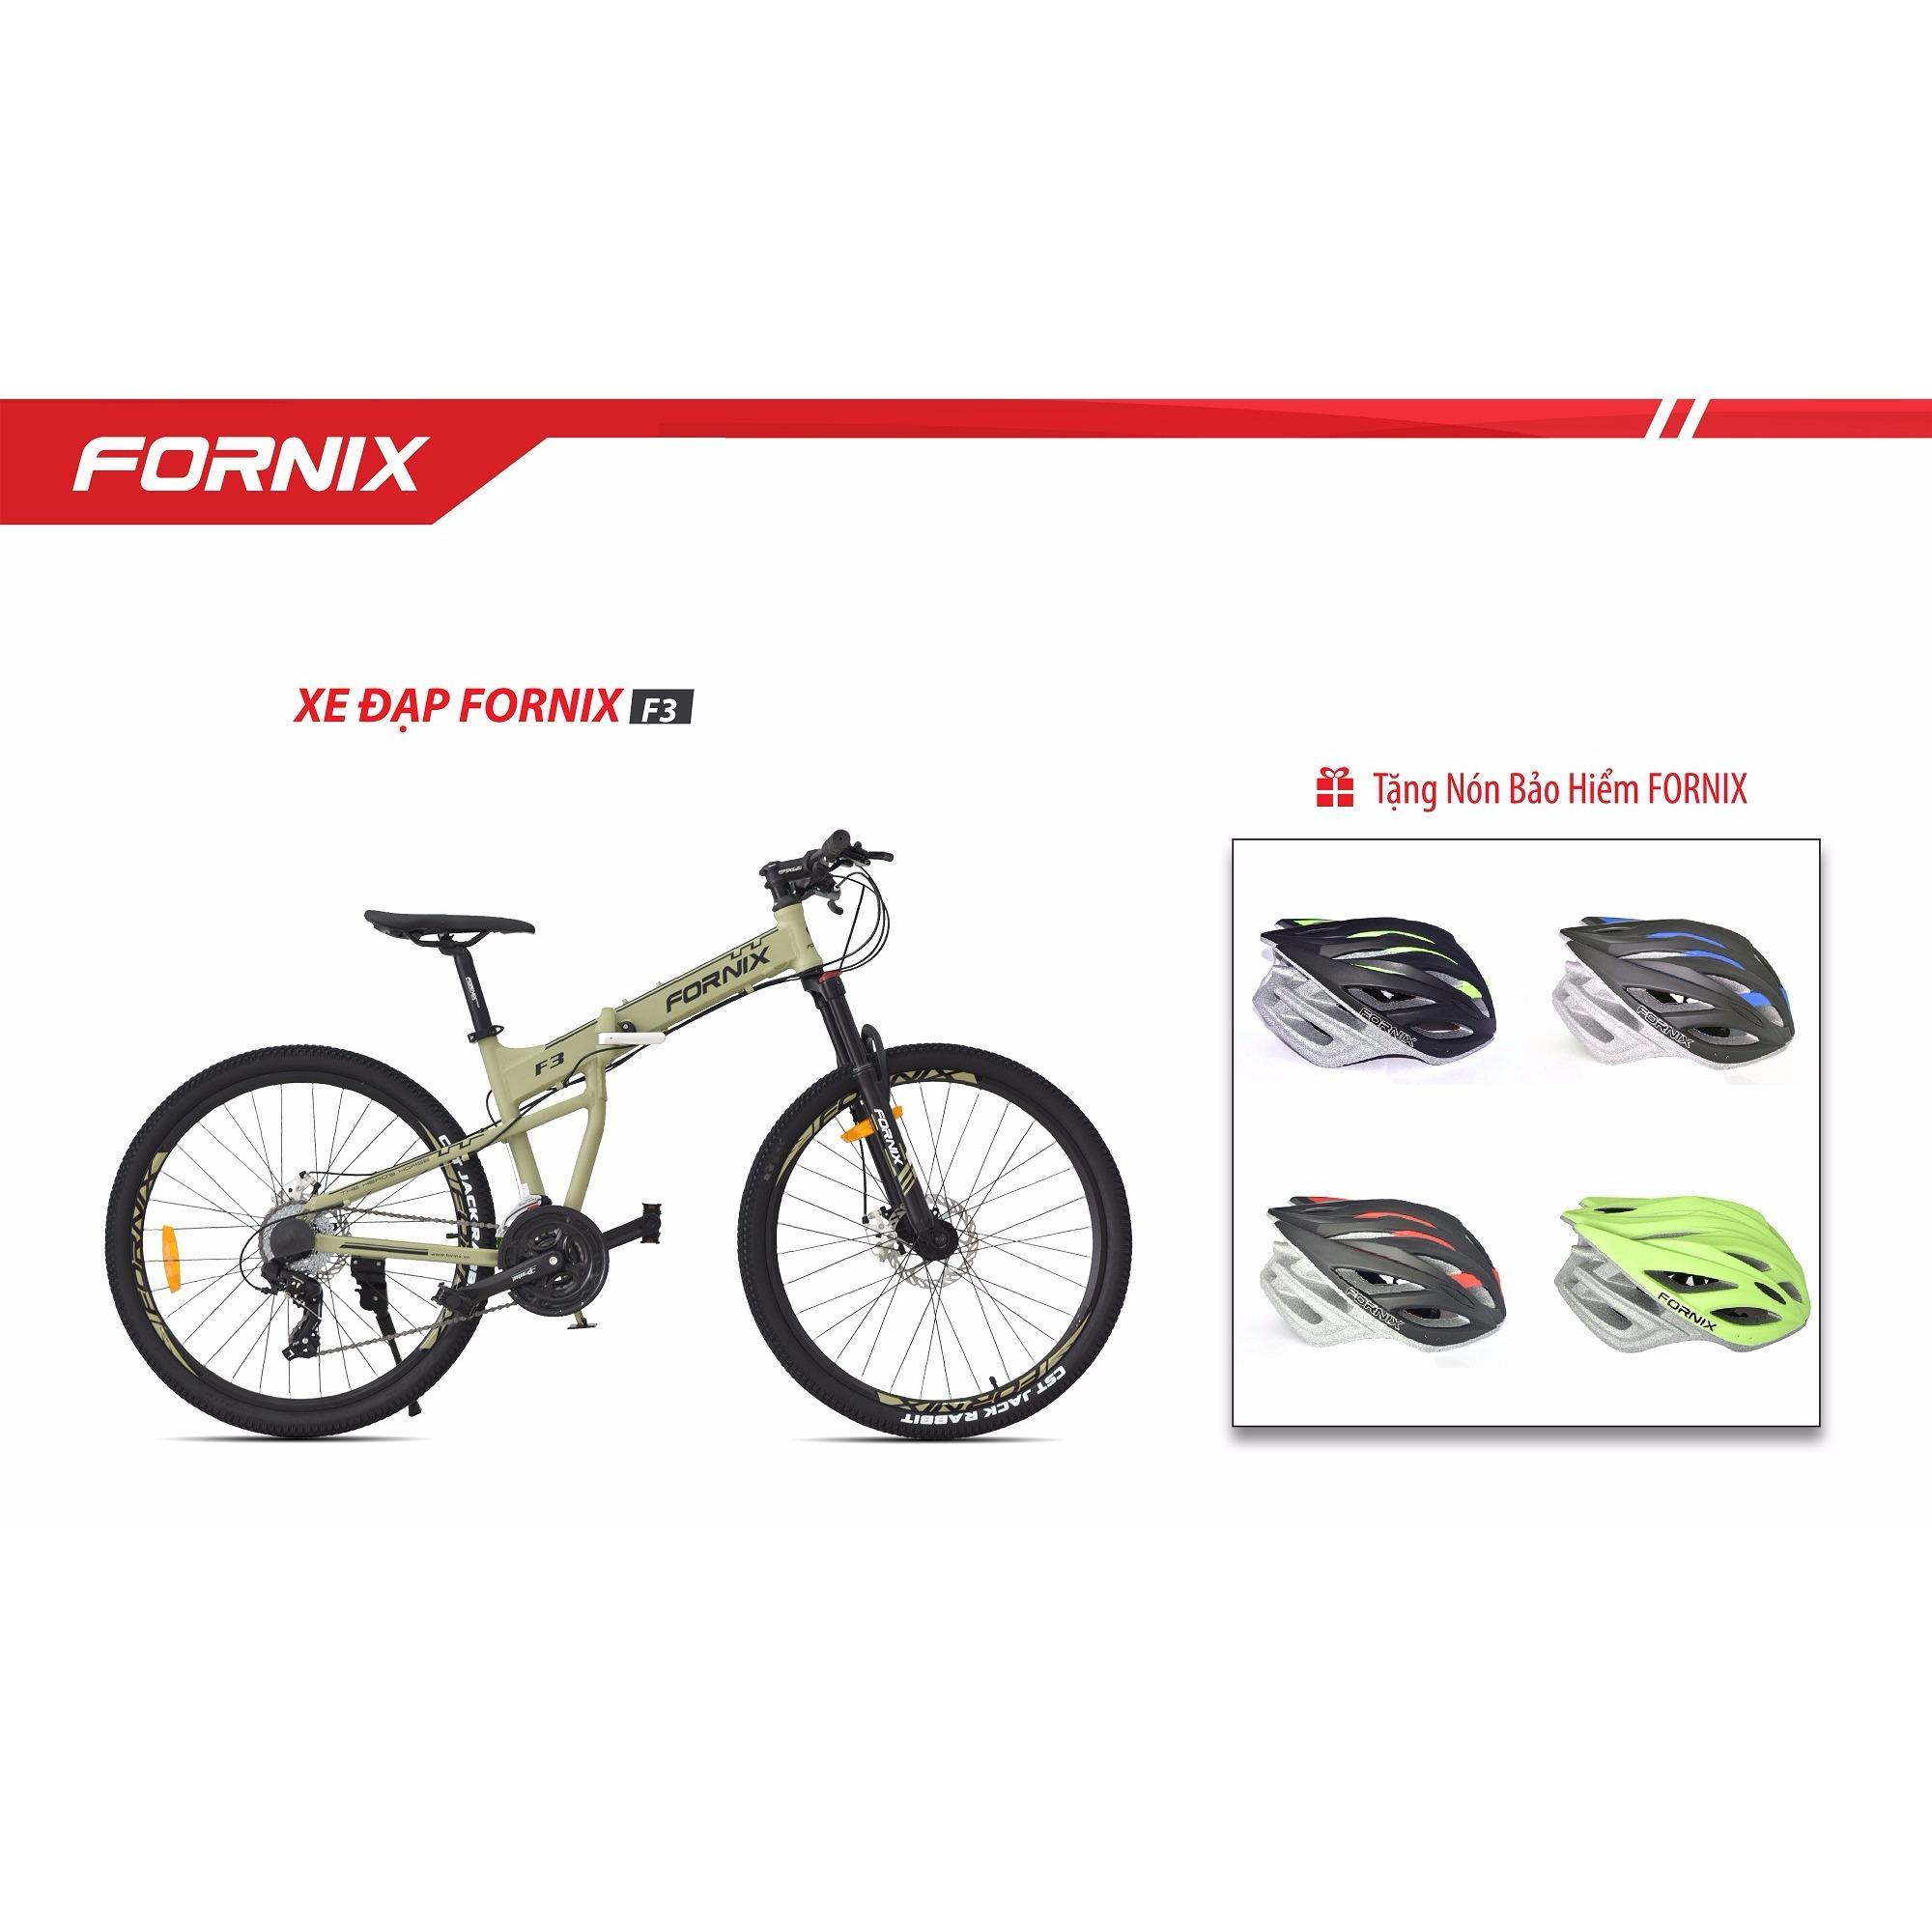 Xe đạp gấp địa hình thể thao Fornix F3 (Xanh lá đen)+ tặng nón bảo hiểm A02NX1